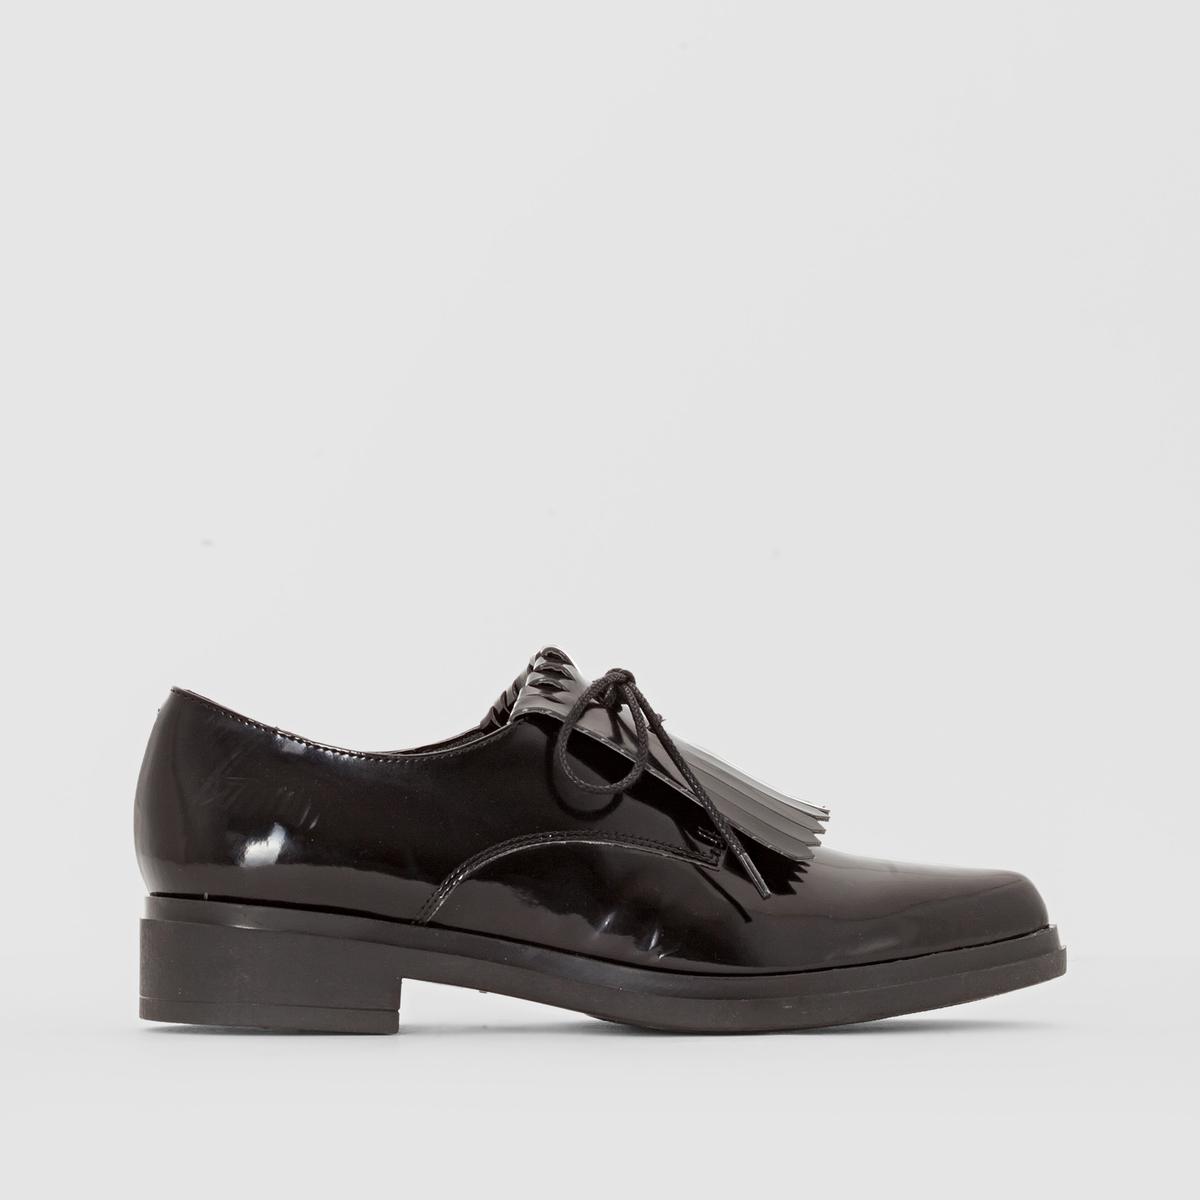 Ботинки-дерби с мексиканской планкой<br><br>Цвет: черный<br>Размер: 36.41